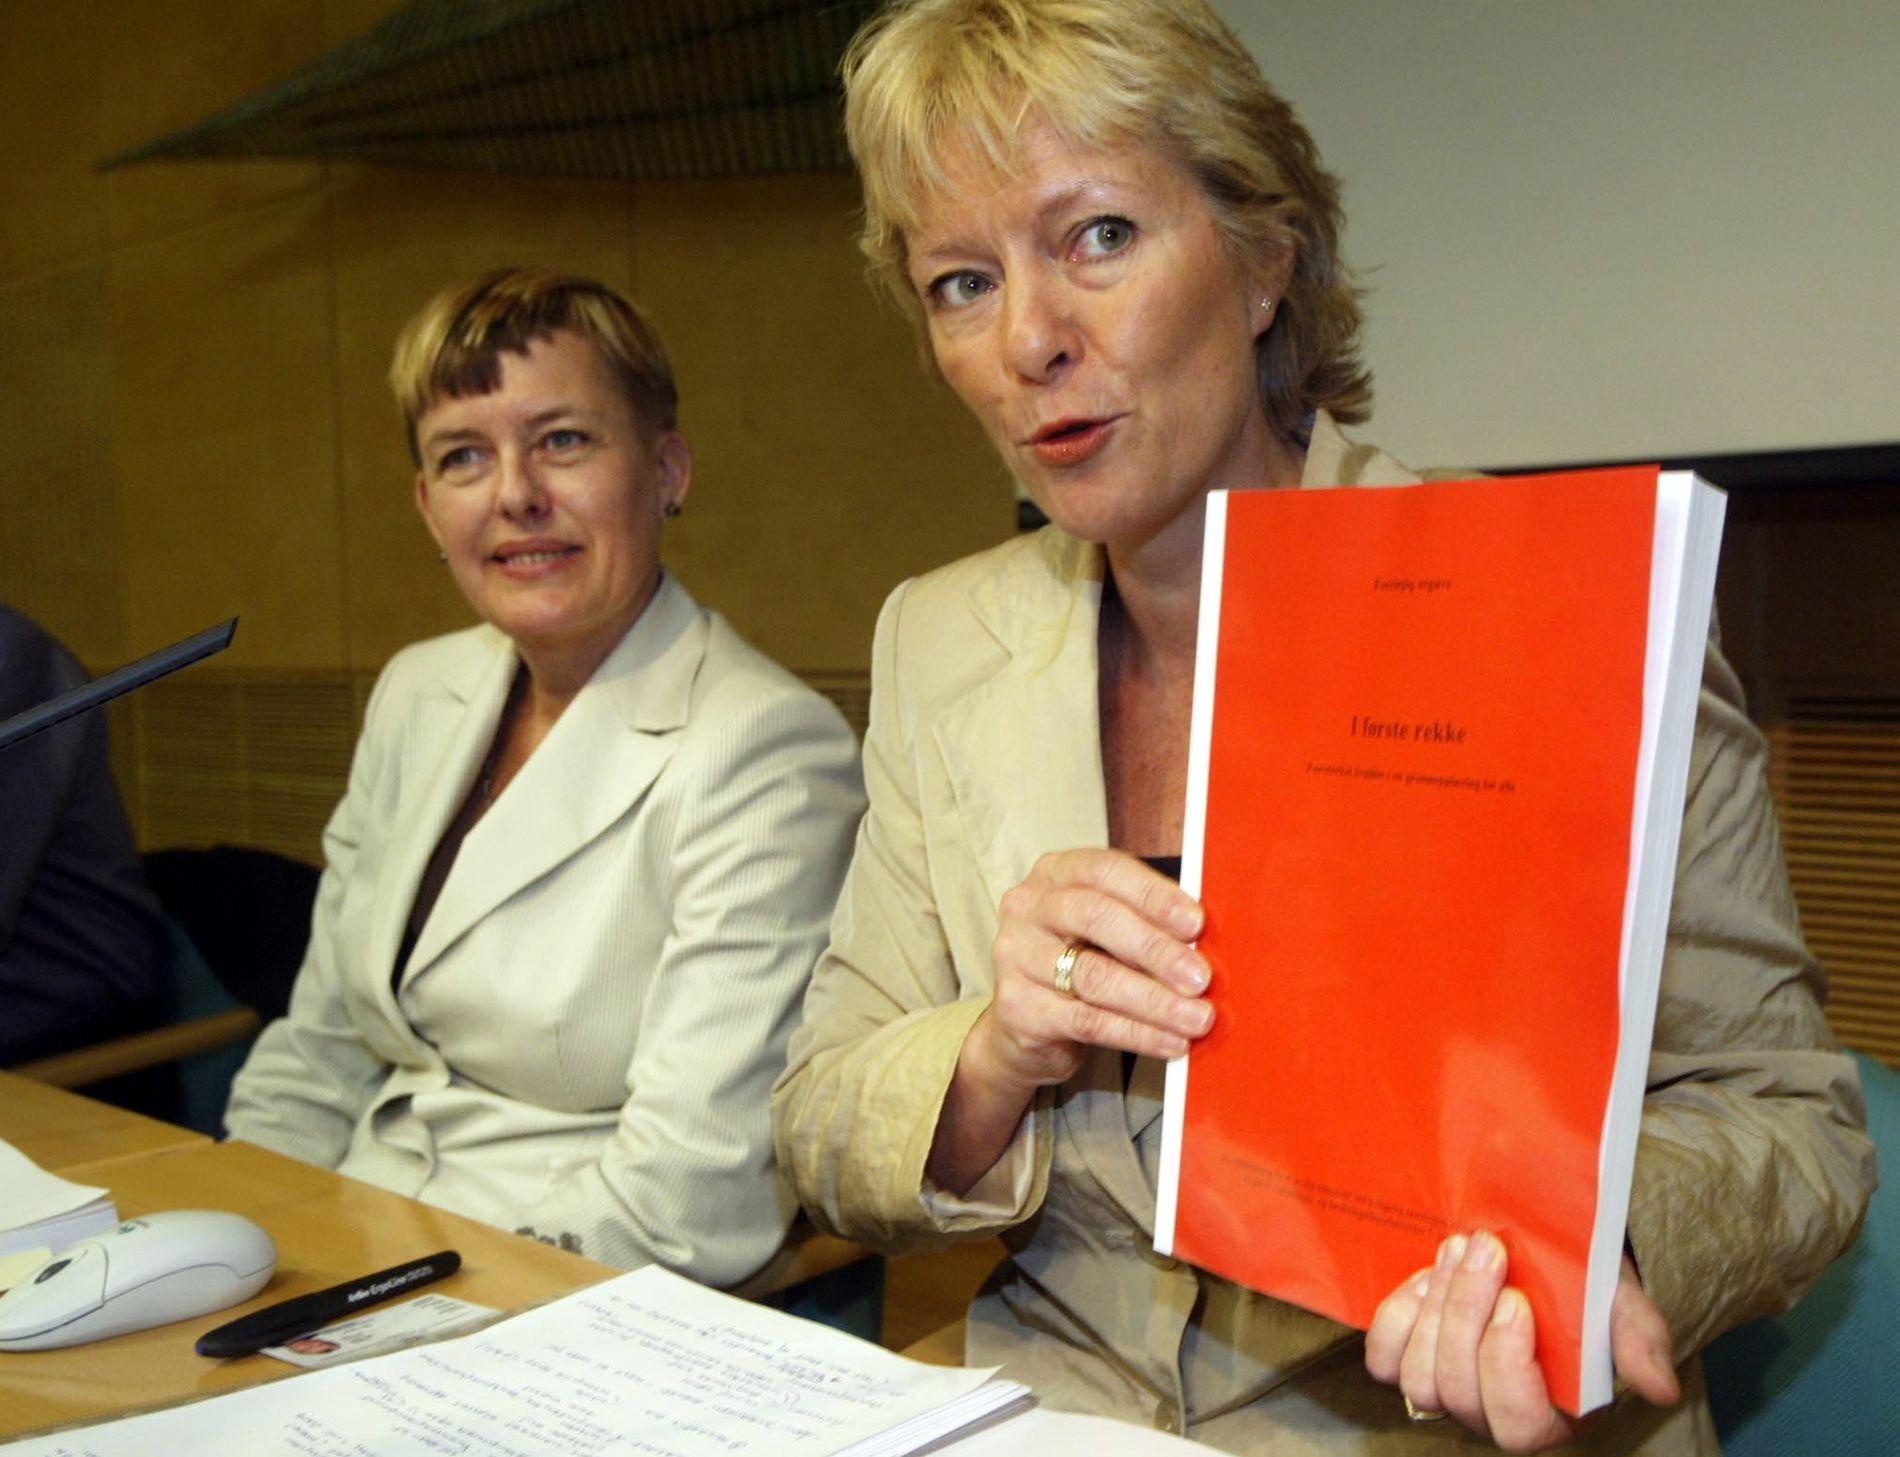 I FØRSTE REKKE: Astrid Søgnen, leder i Søgnen-utvalget, eller utvalget for kvalitet i utdanningen, overleverte i 2003 sitt forslag til en bedre skole, «I første rekke», til daværende utdanningsminister Kristin Clemet.